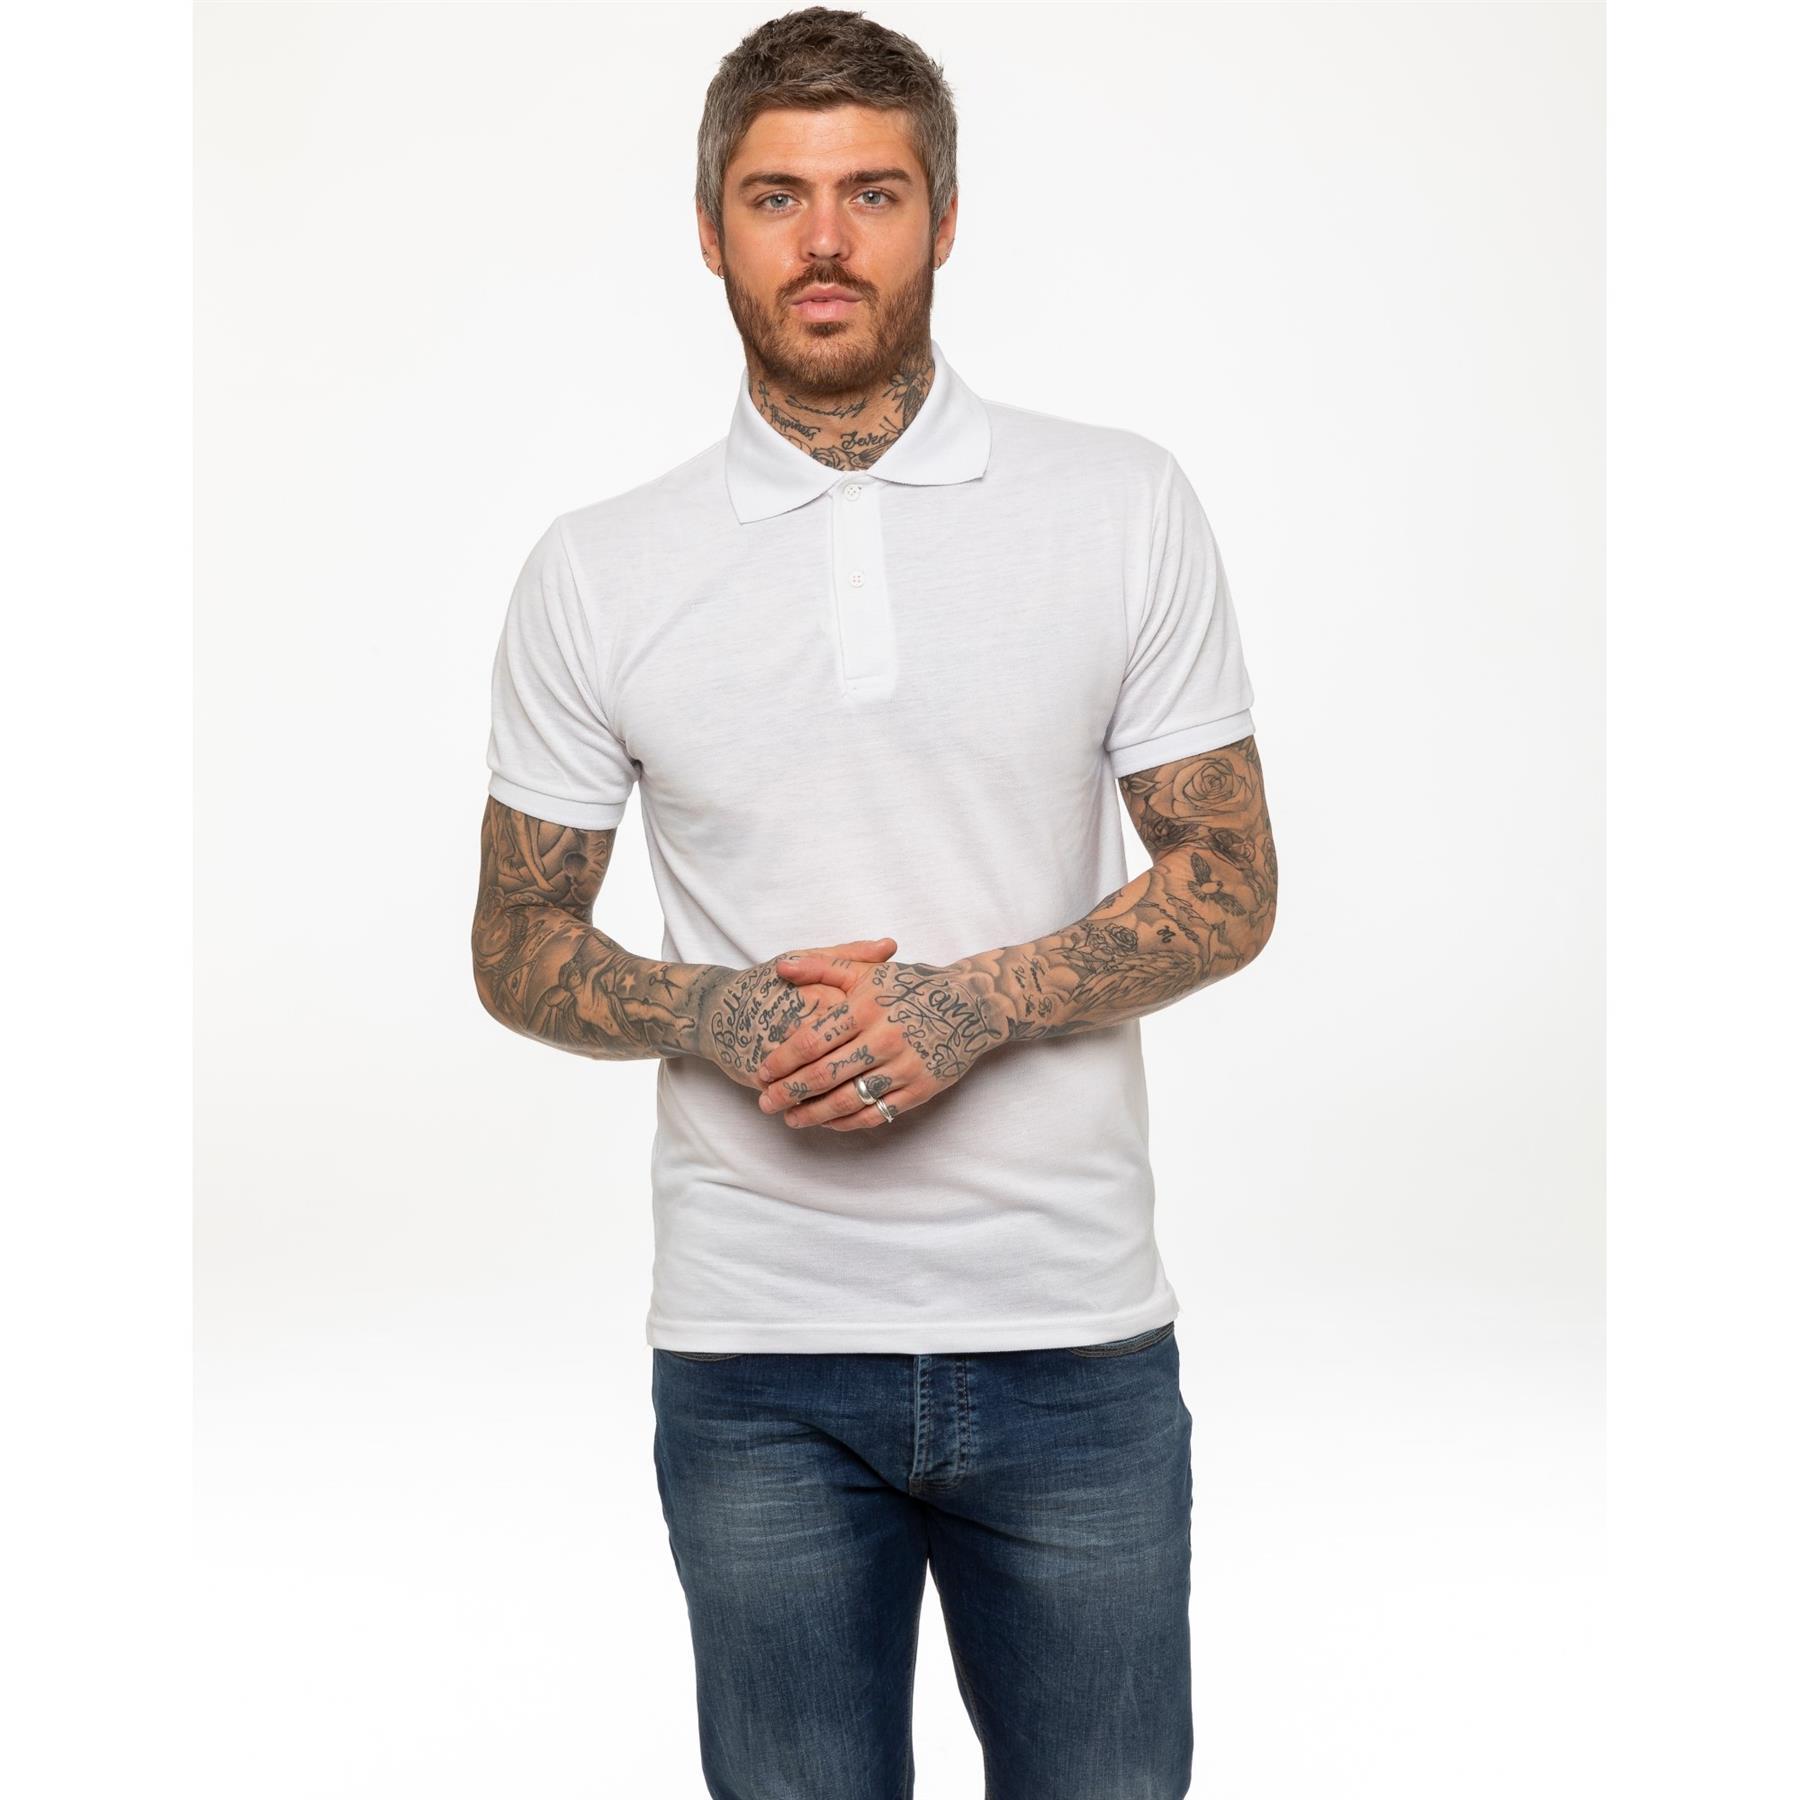 Indexbild 58 - Herren Polohemd Freizeit T-Shirts Neu Schlicht Kurzärmeliges Regular Fit